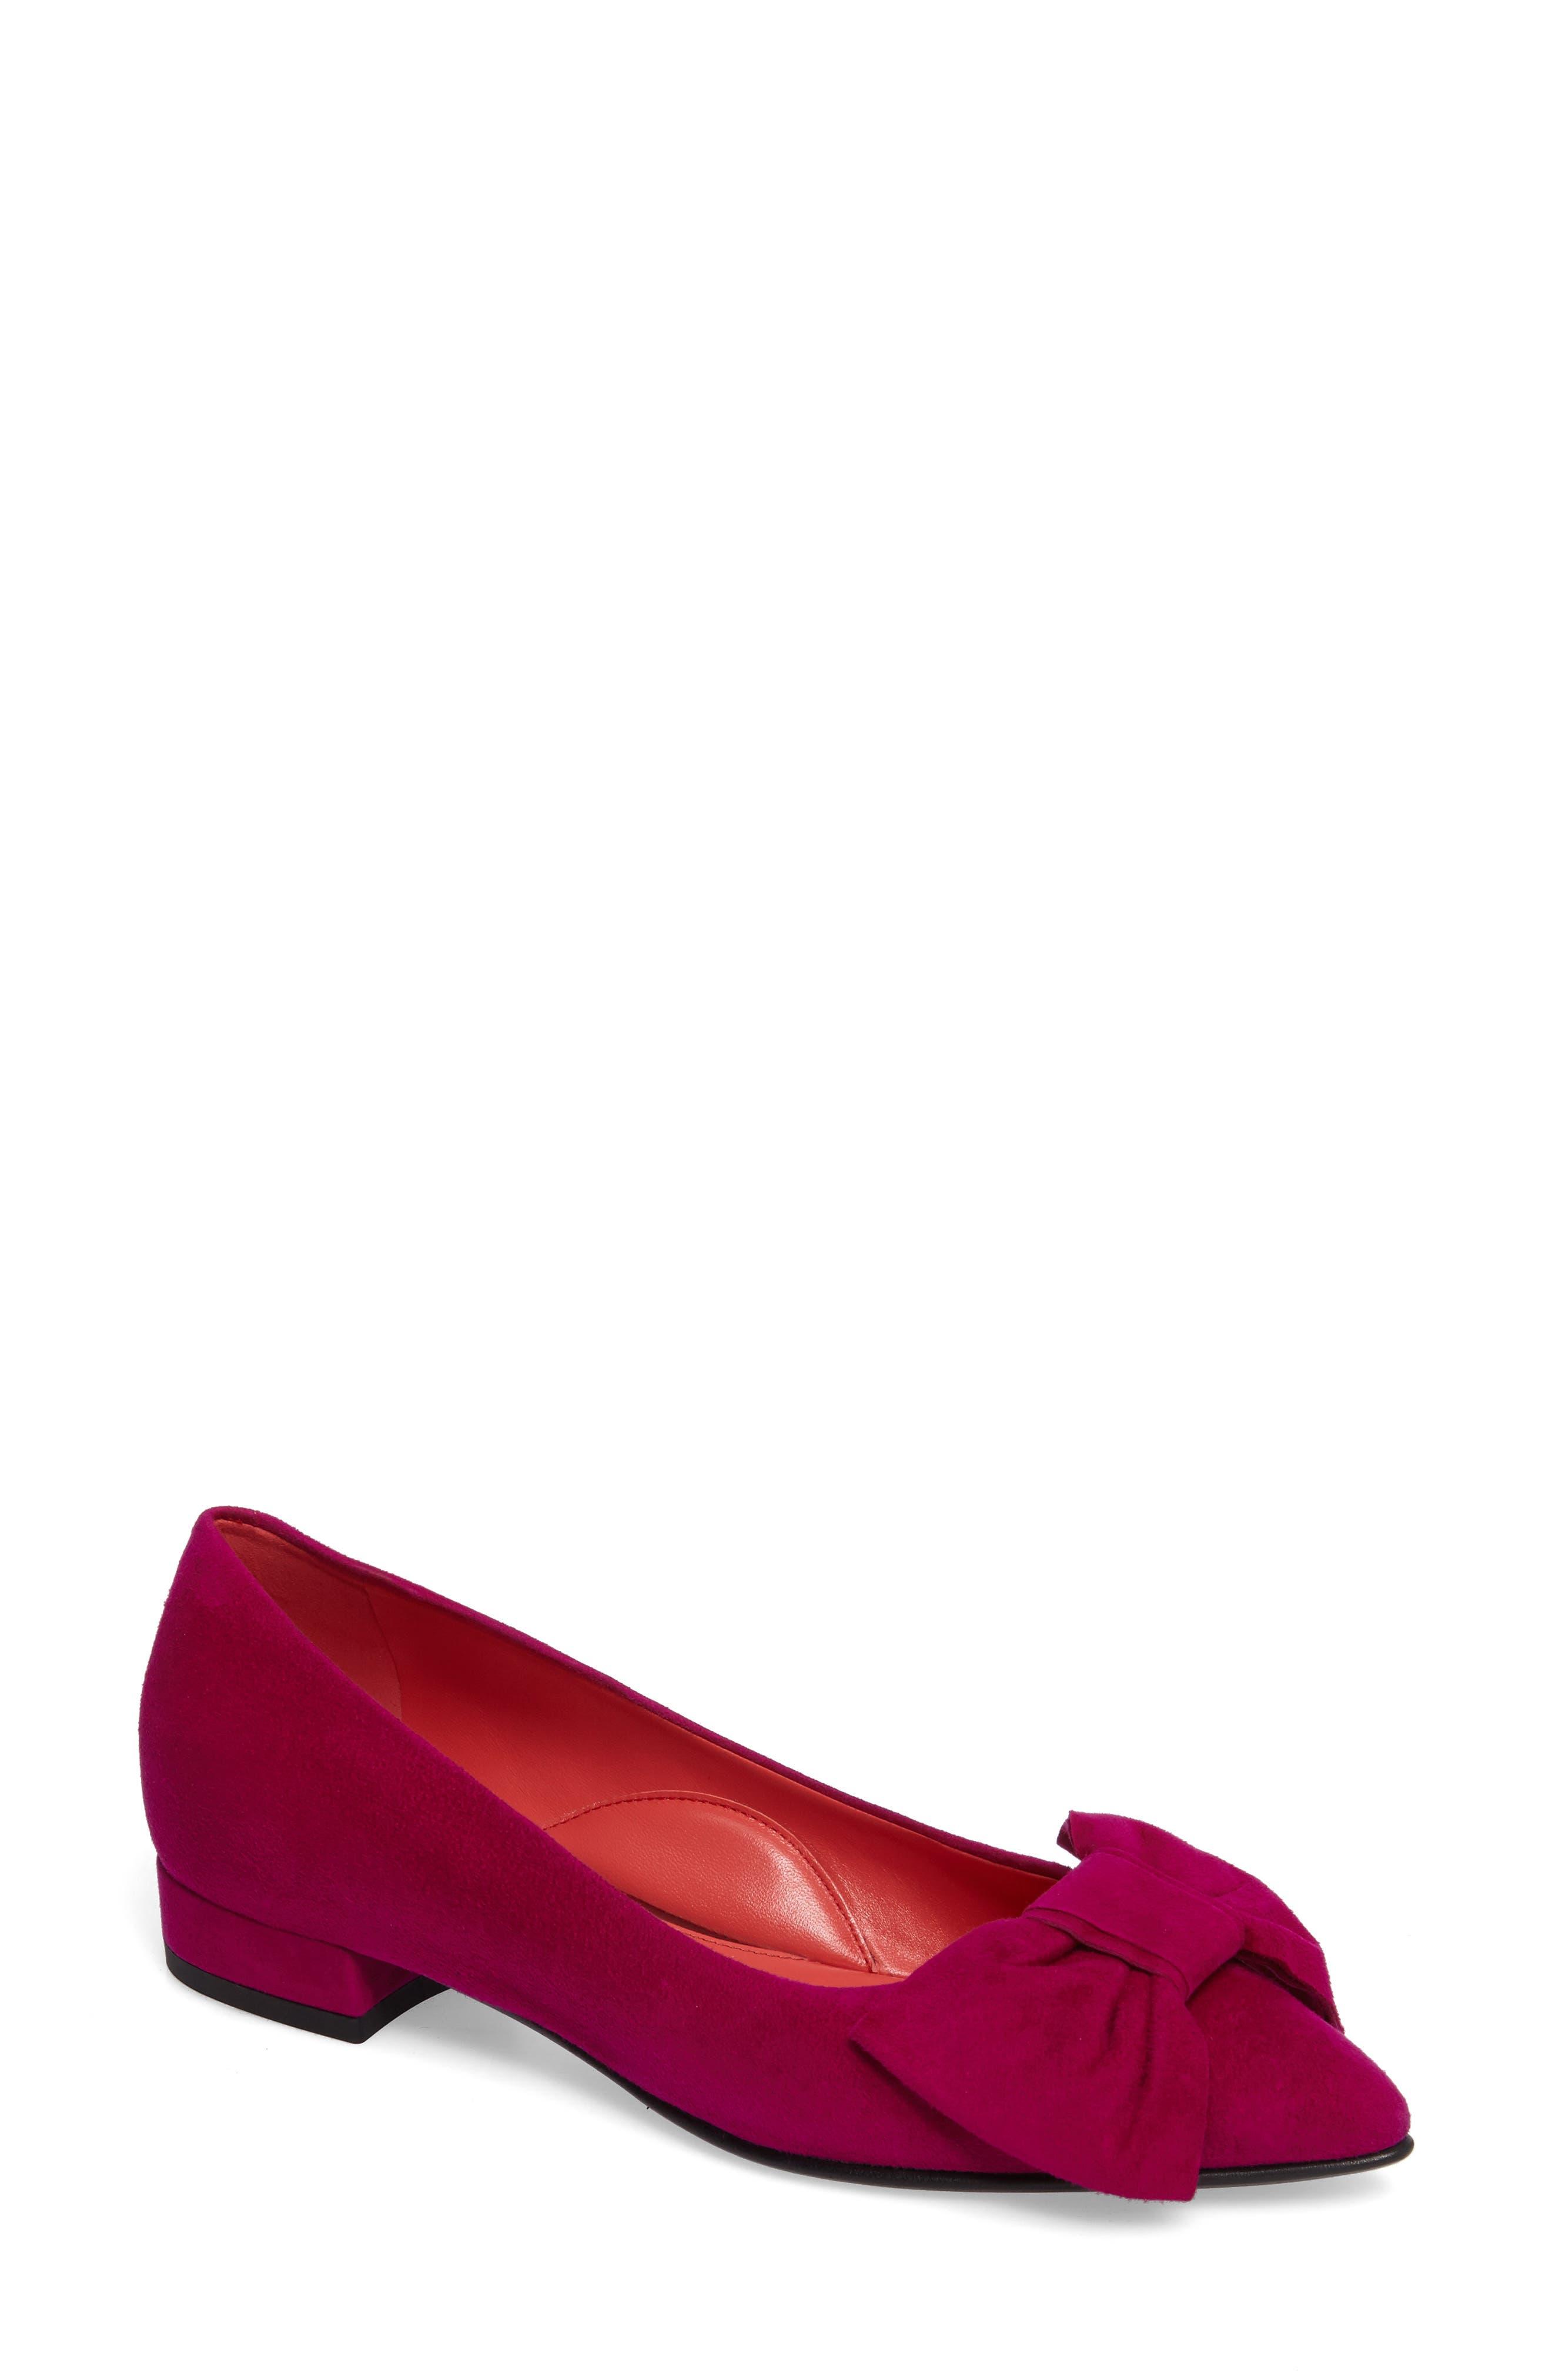 Alternate Image 1 Selected - Pas de Rouge Bow Detail Pump (Women)